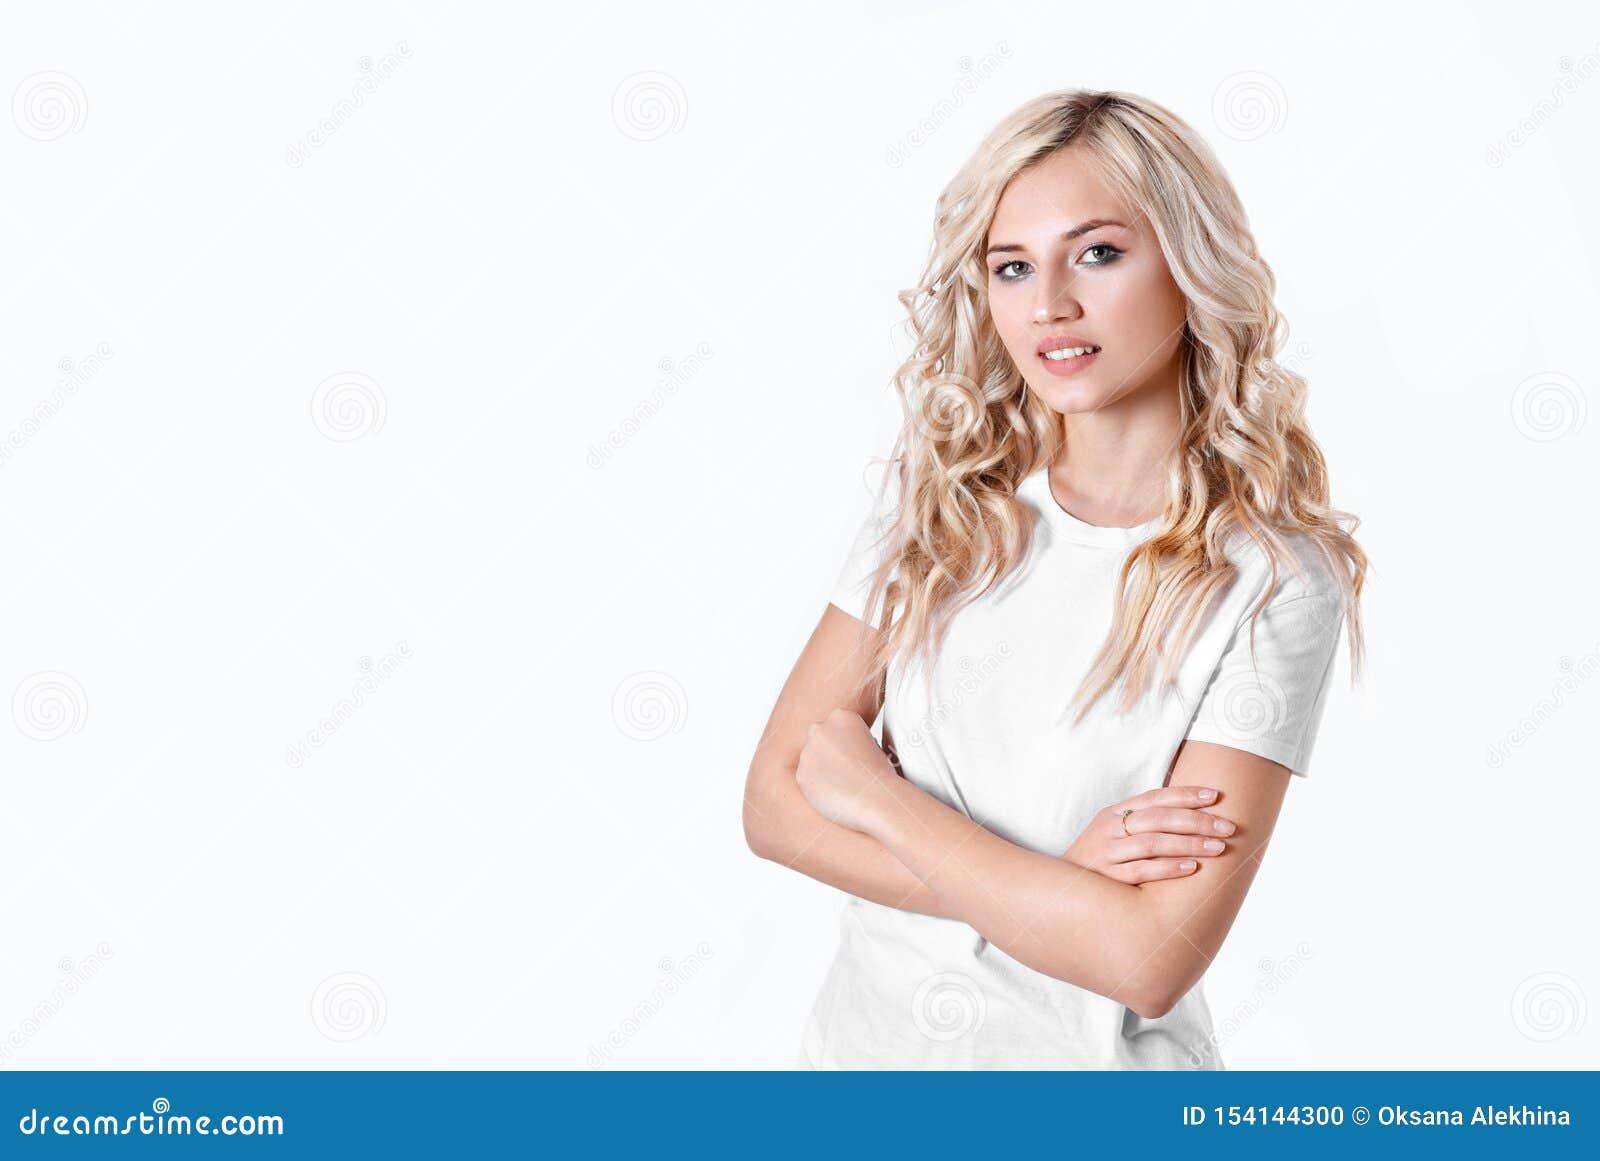 La femme blonde tient un objet imaginaire dans une main sur un fond blanc